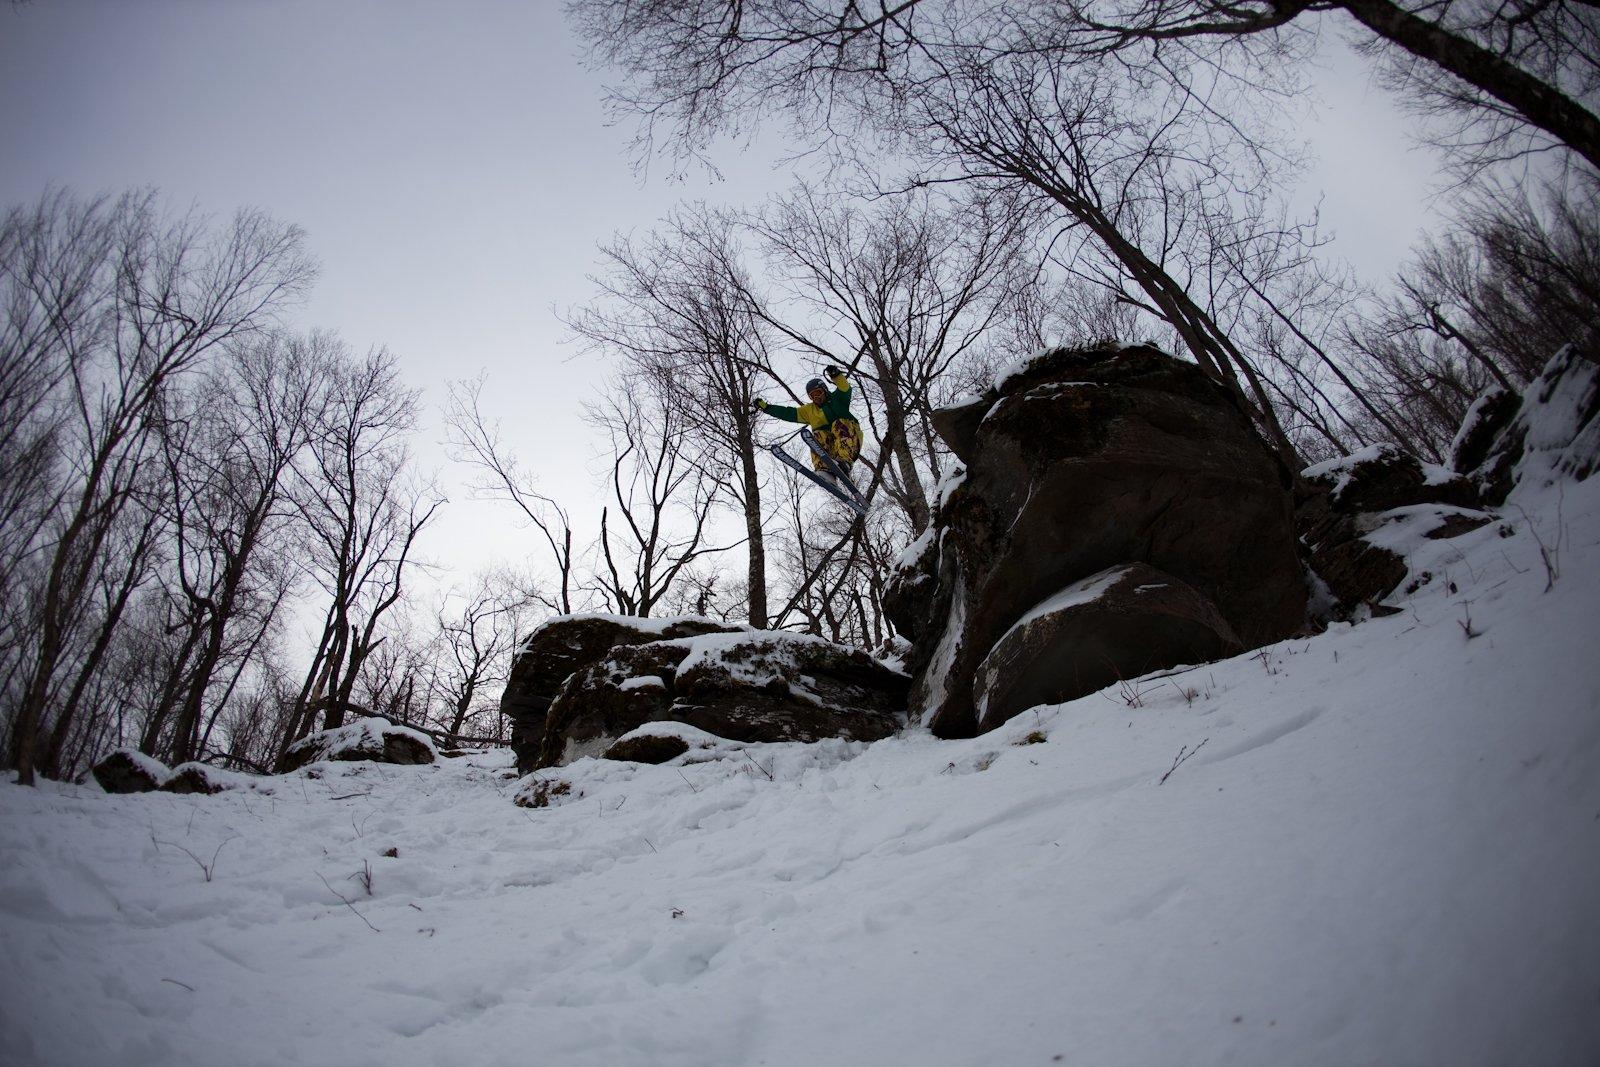 Plattekill cliff